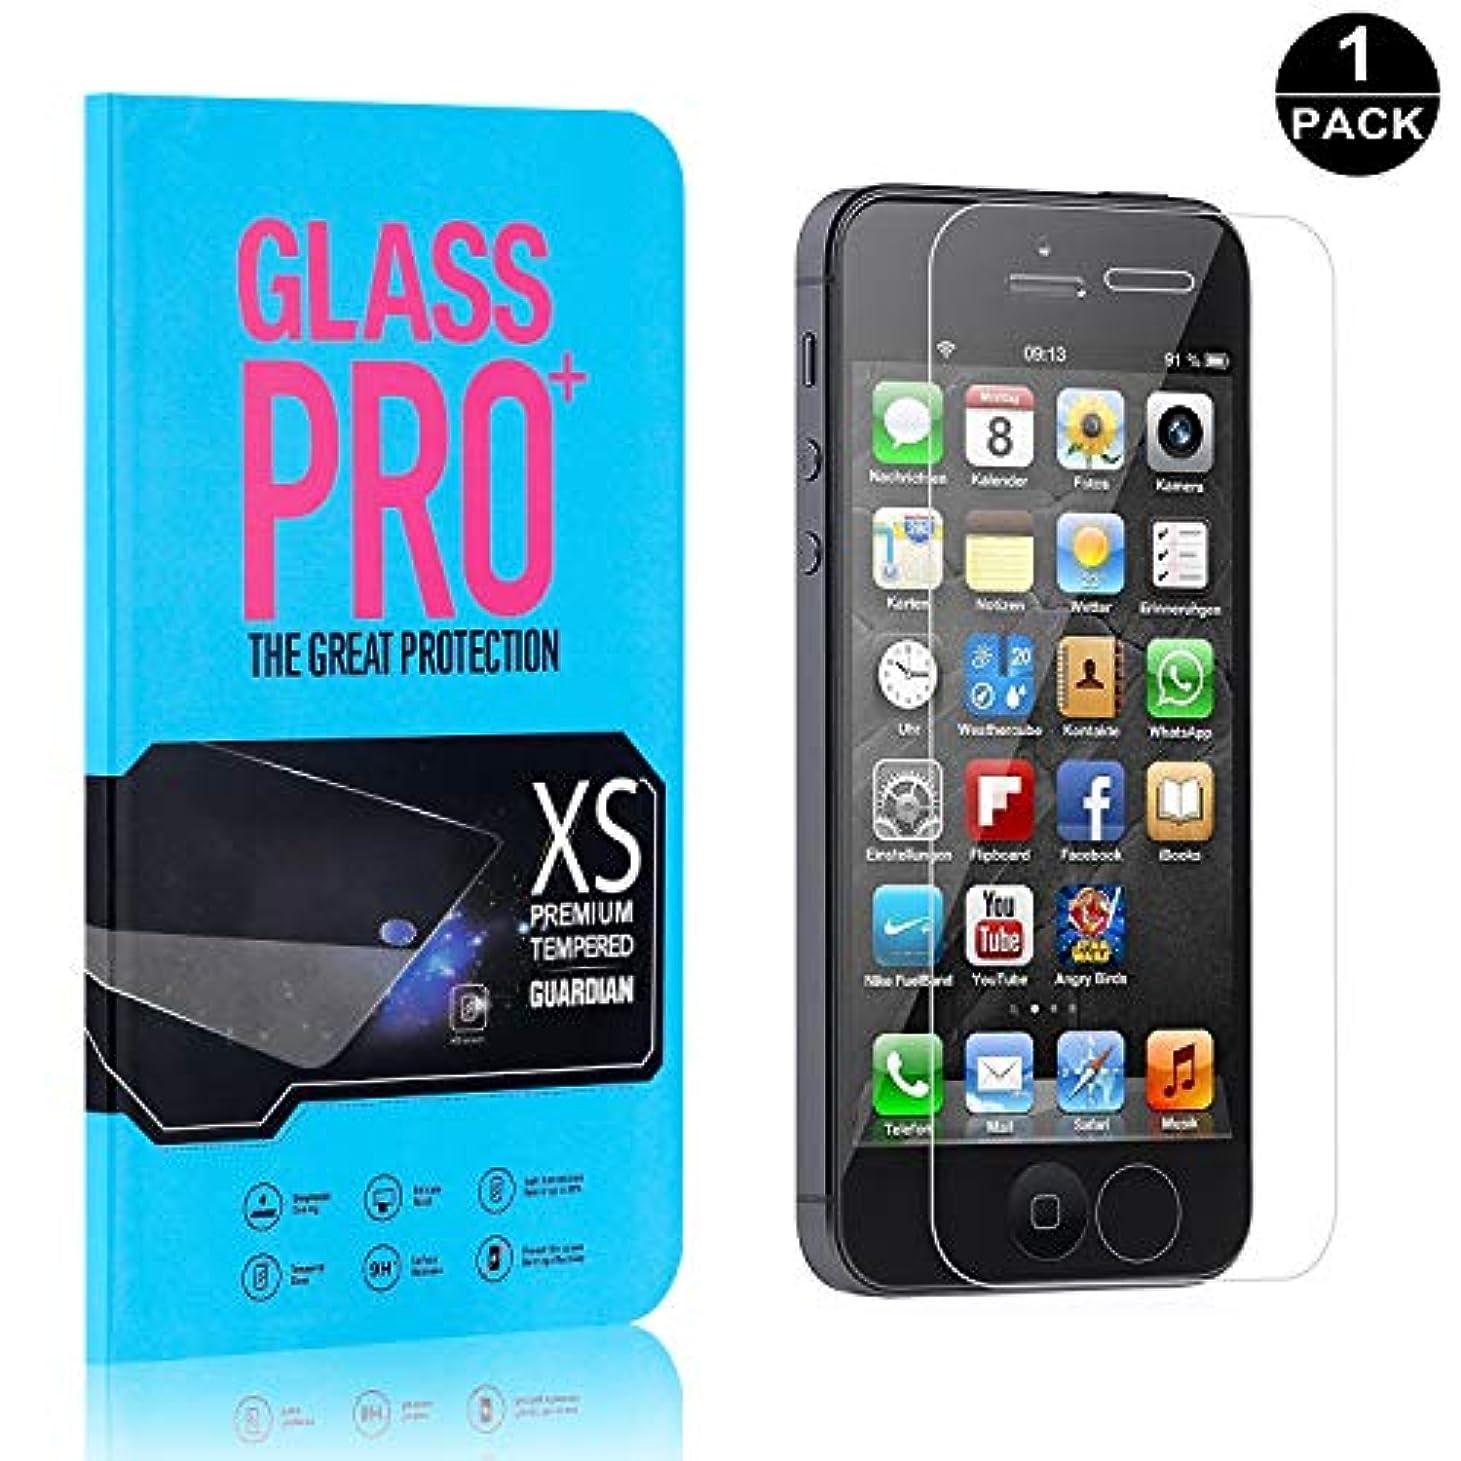 快い明らか準備【1枚セット】 iPhone 5C 超薄 フィルム CUNUS Apple iPhone 5C 専用設計 強化ガラスフィルム 高透明度で 気泡防止 飛散防止 硬度9H 耐衝撃 超薄0.26mm 液晶保護フィルム